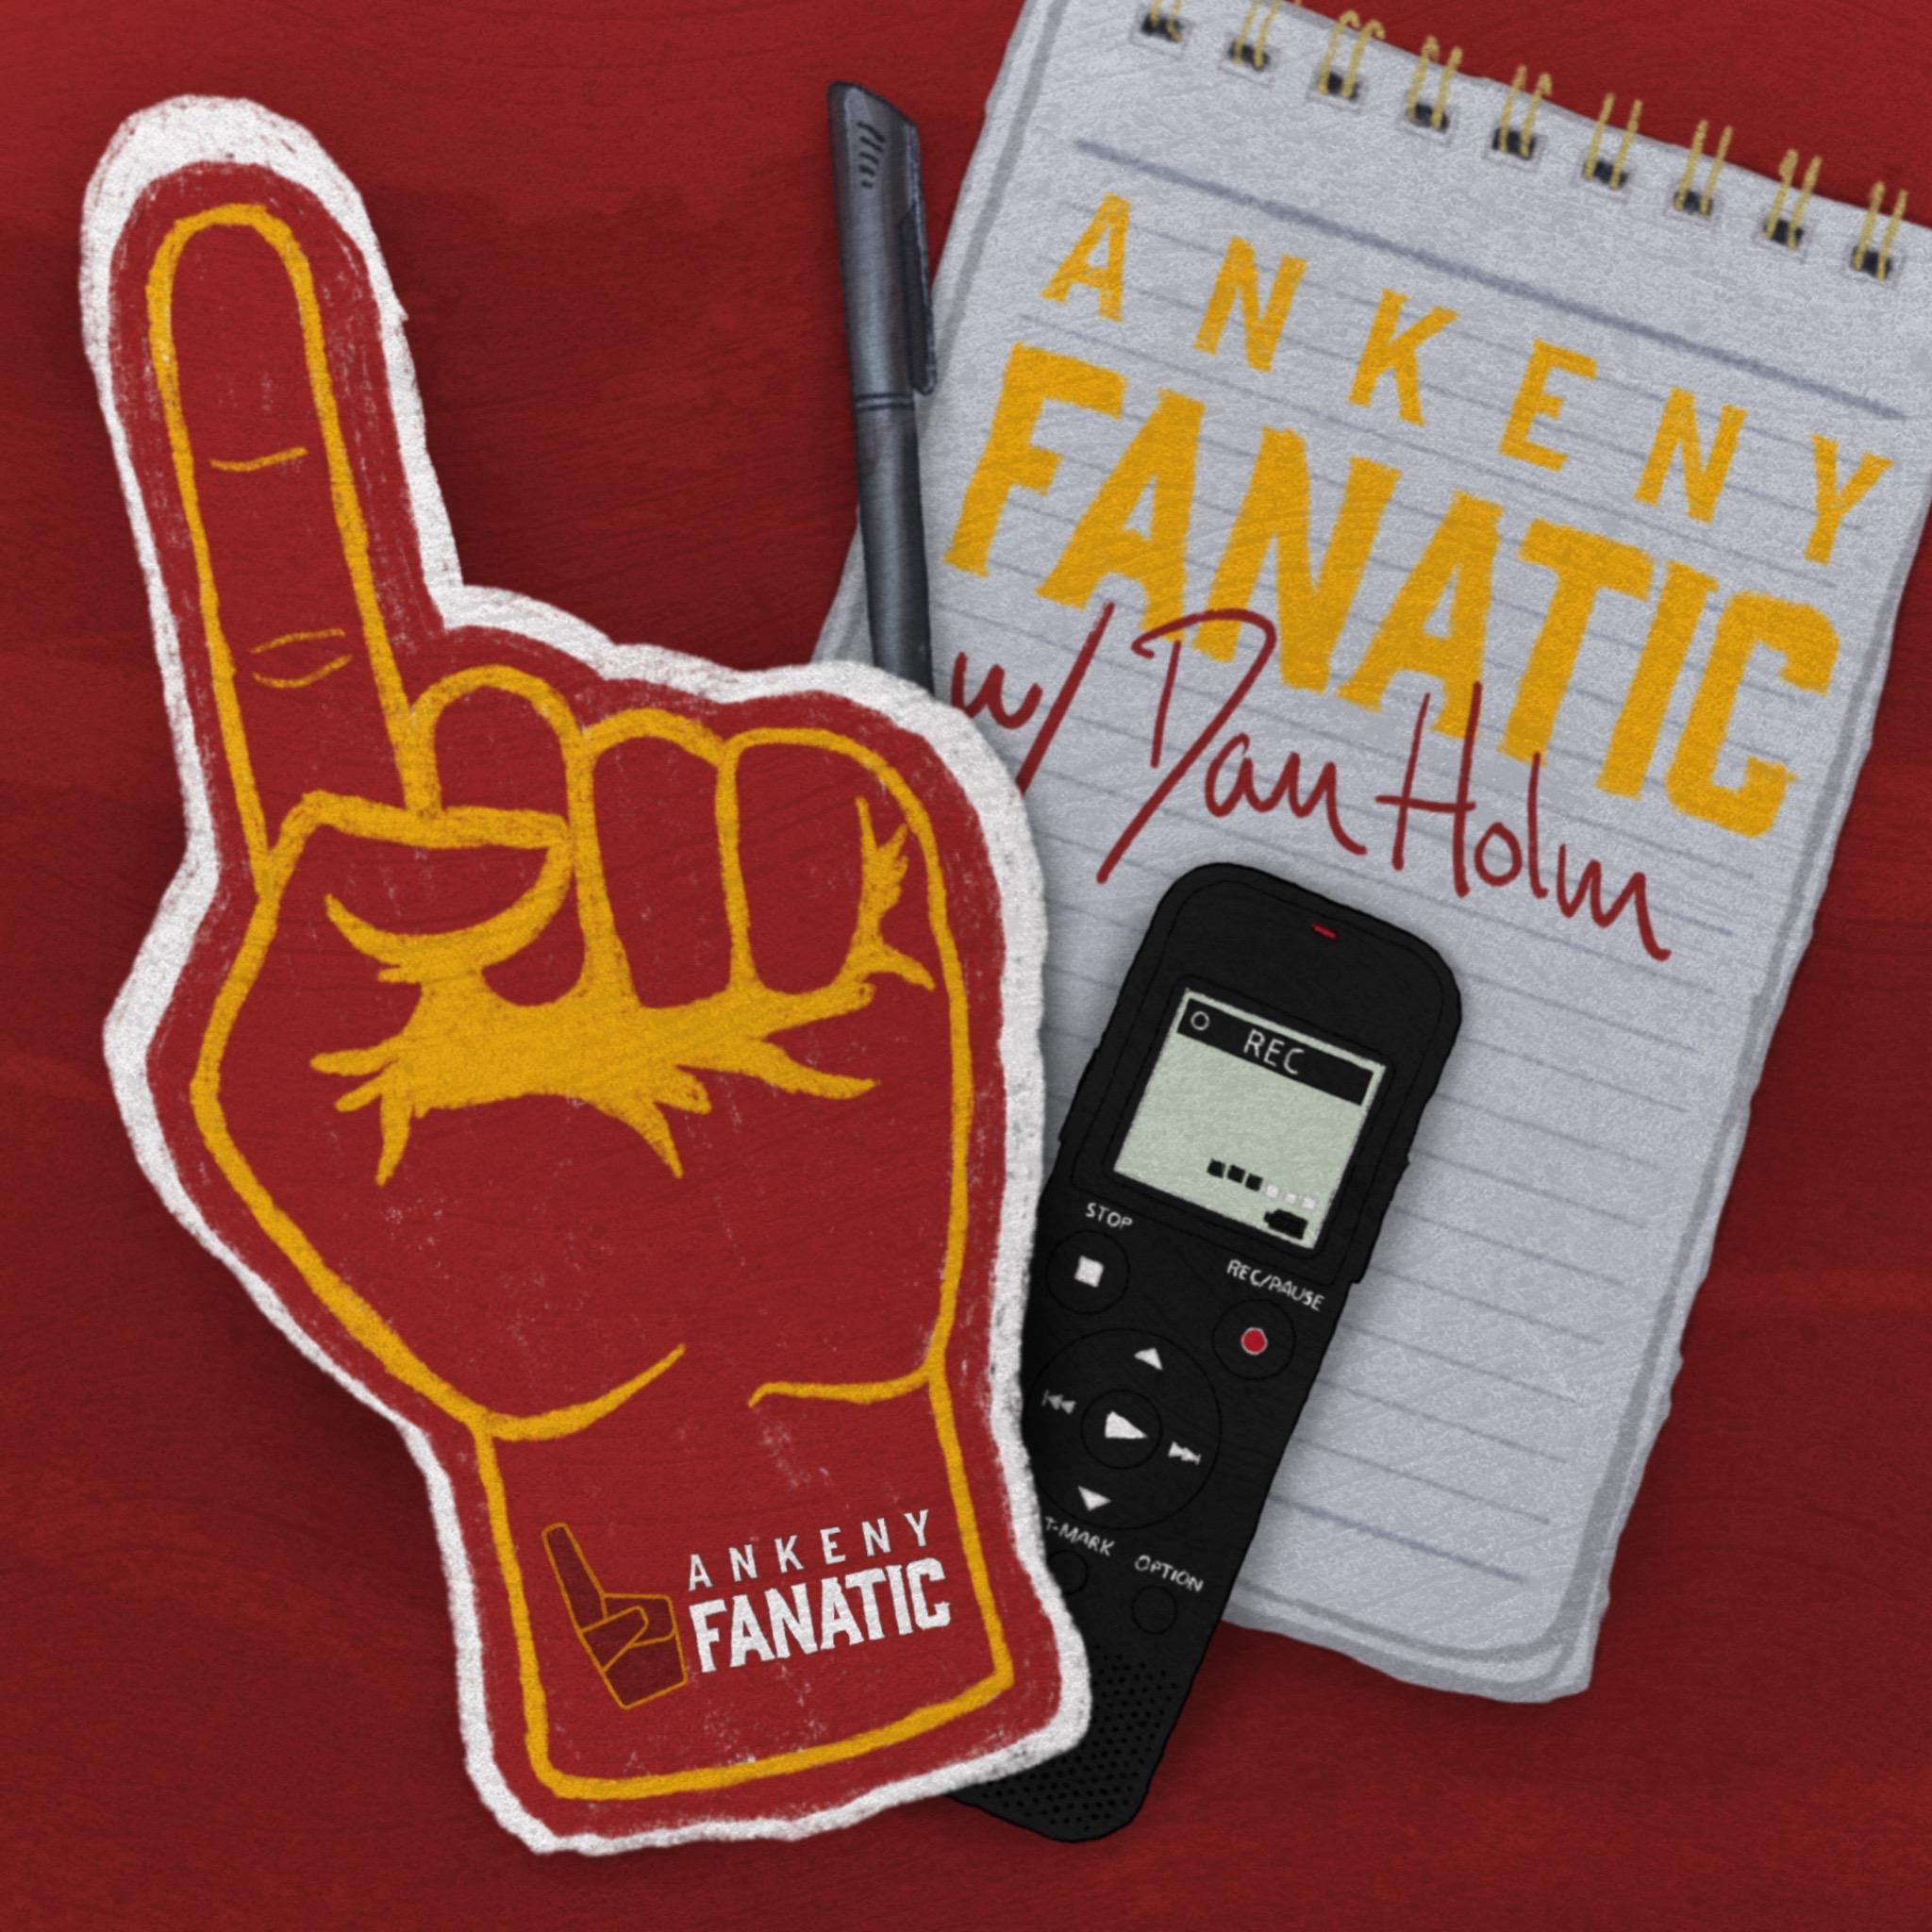 Ankeny Fanatic Podcast: Episode 112